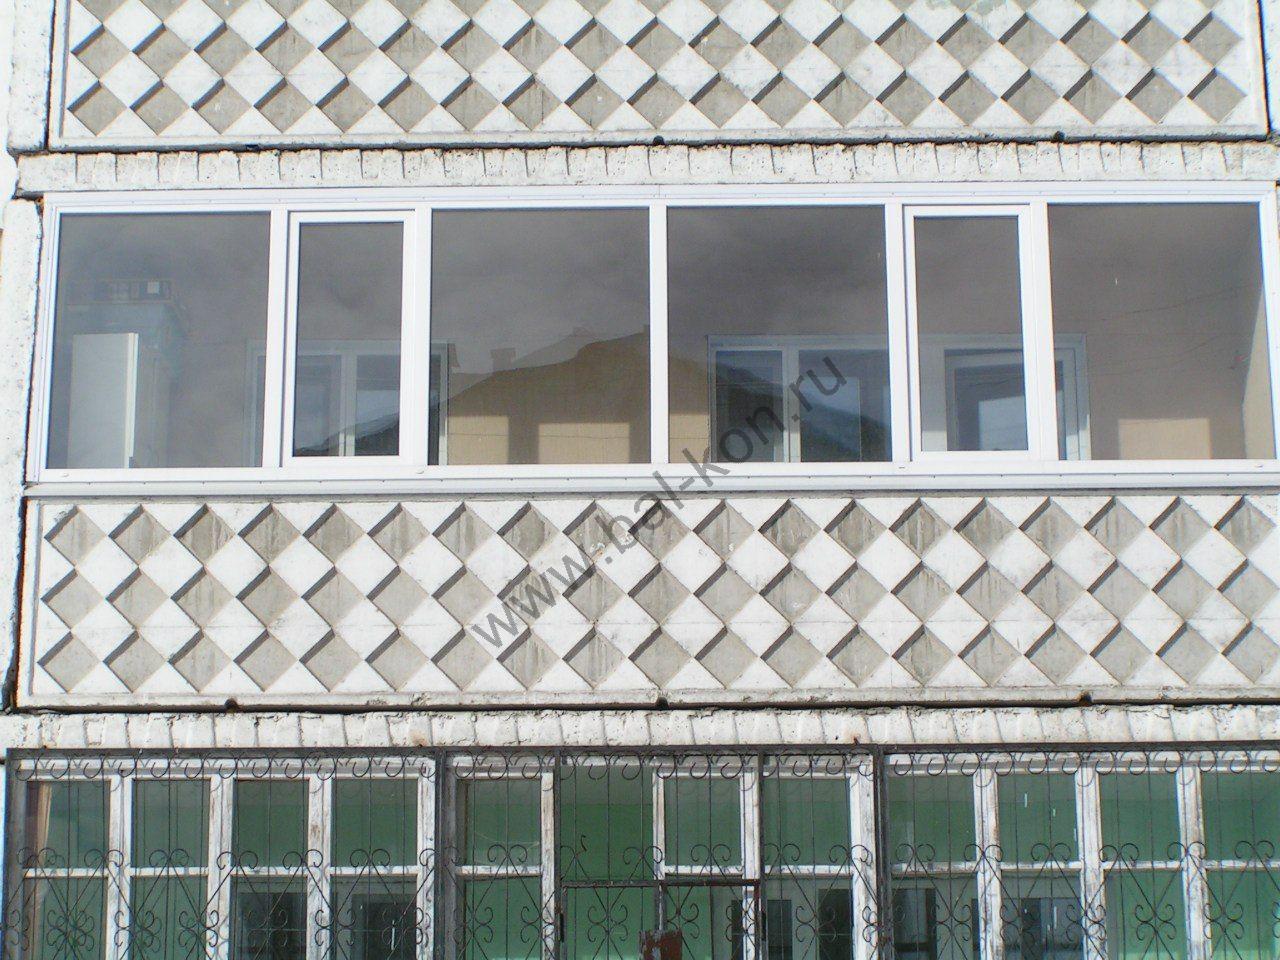 Виды балконов 7 метров. - ставим окна сами - каталог статей .